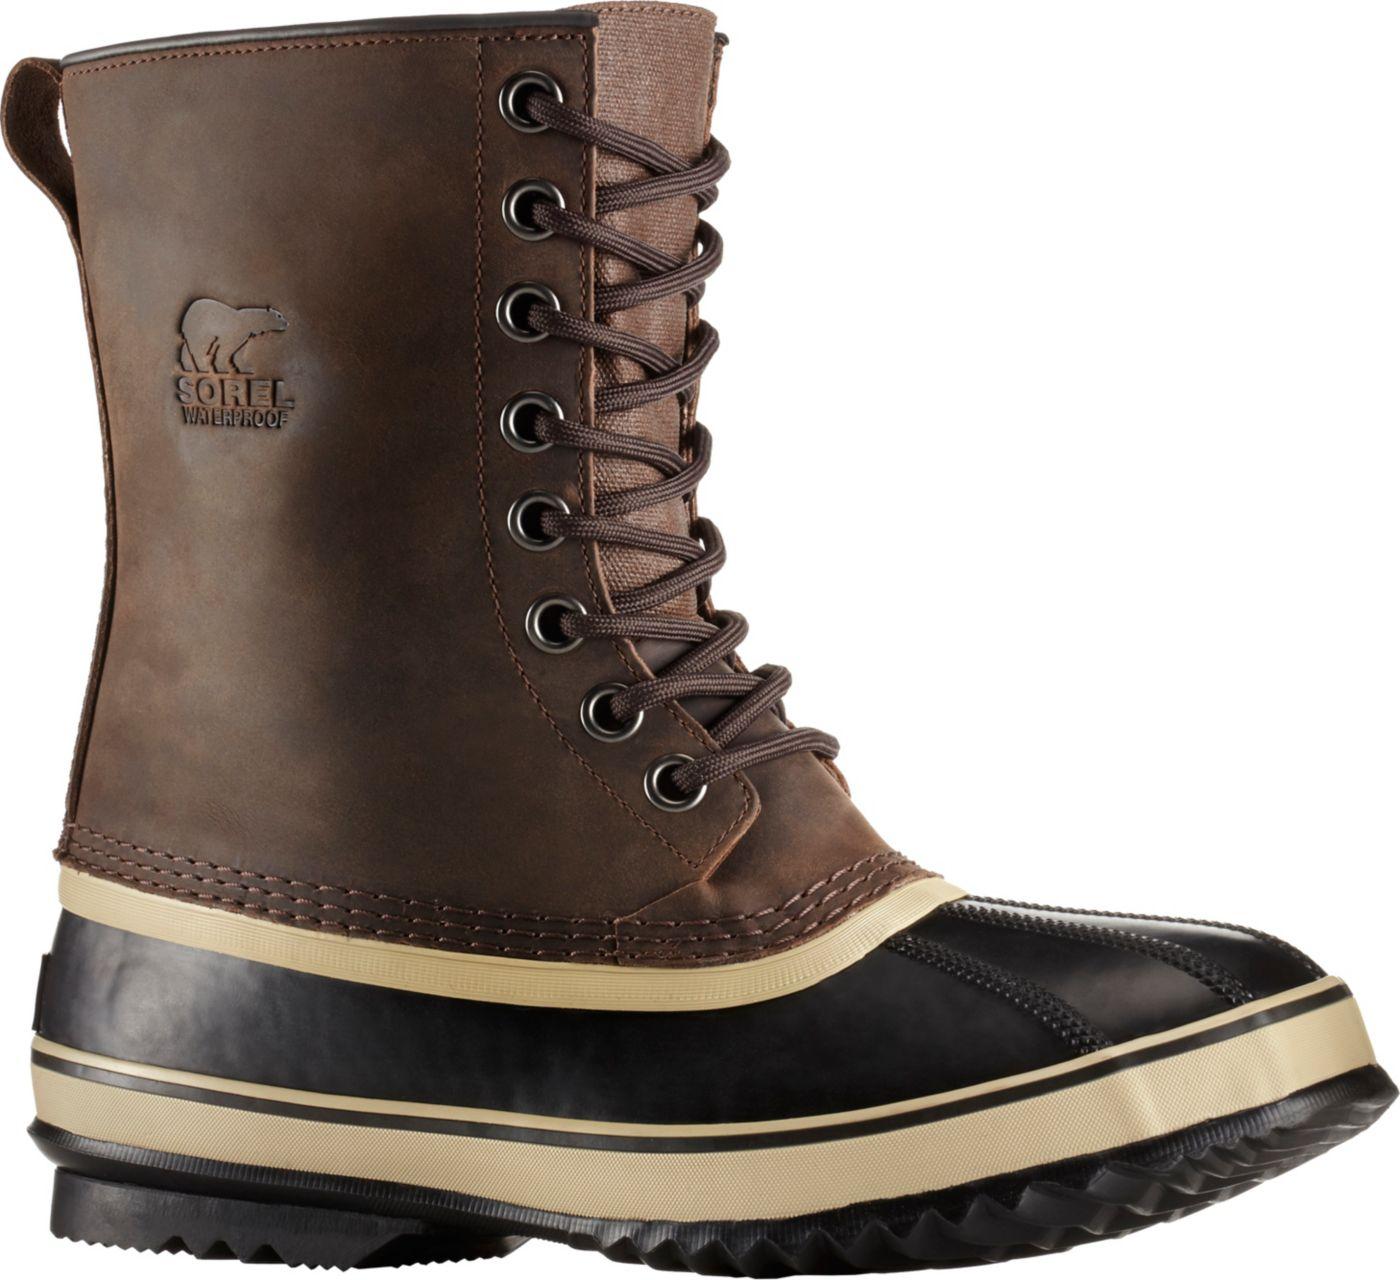 SOREL® Men's 1964 Pac T Insulated Waterproof Winter Boots